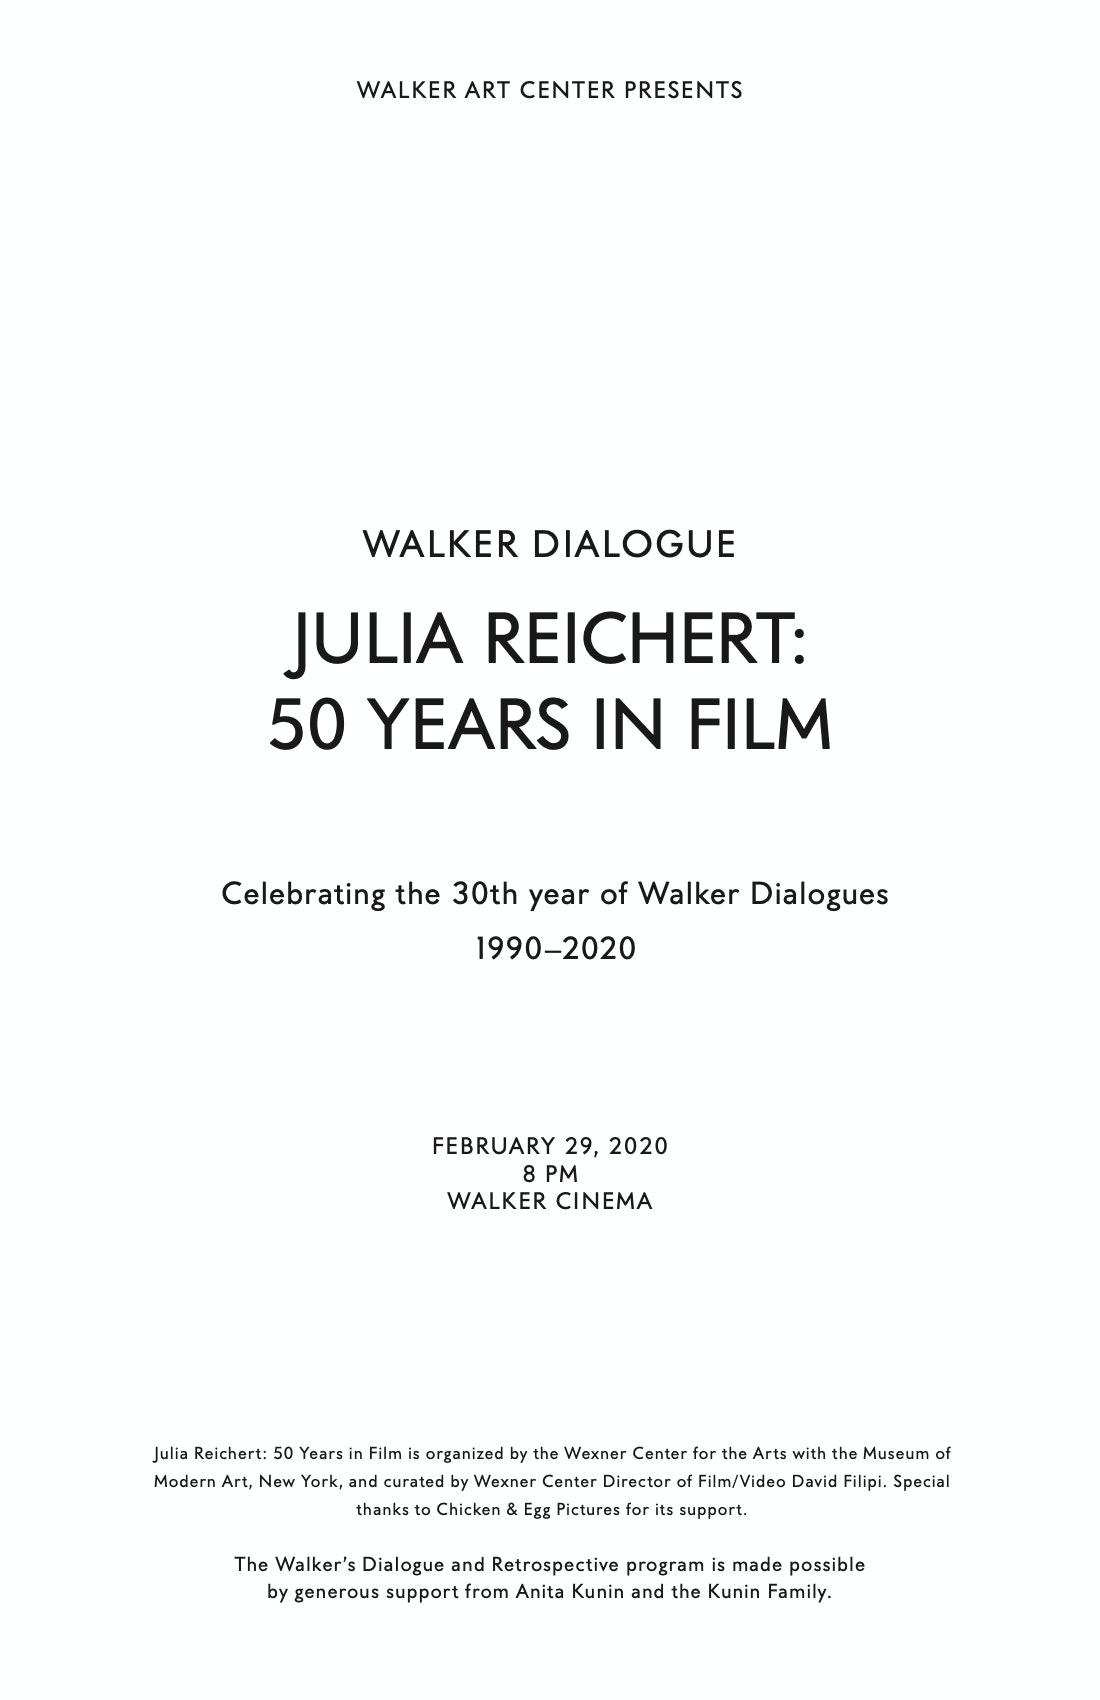 Julia Reichert Dialogue event brochure page 1